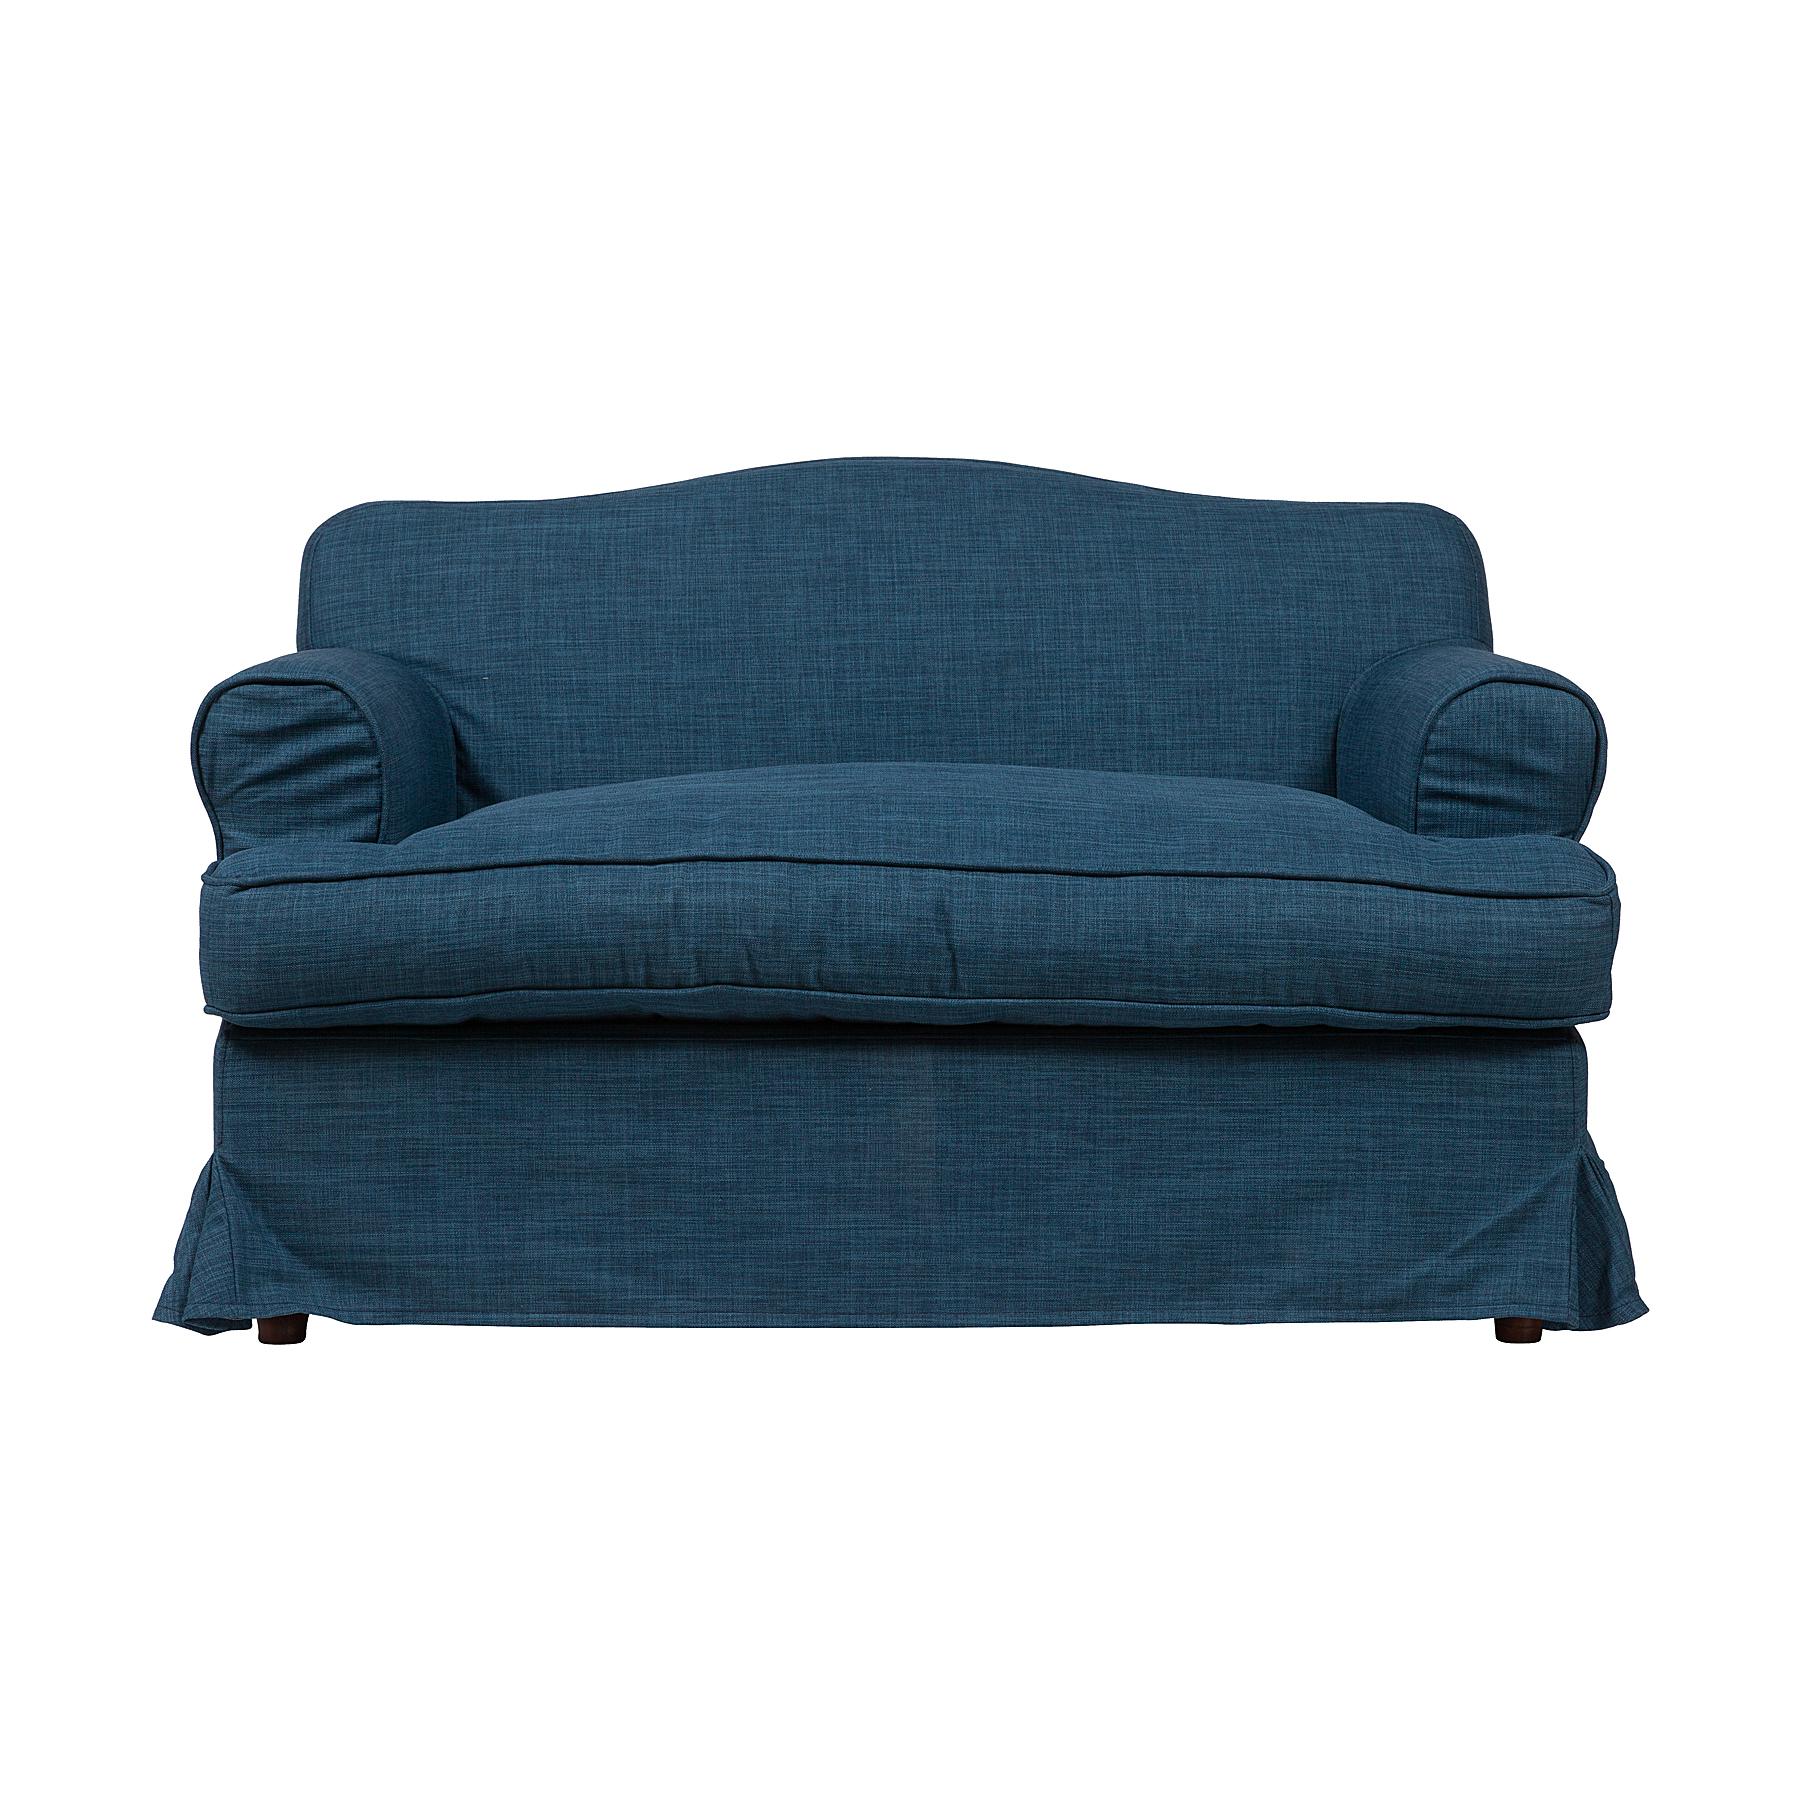 Диван FernandoДвухместные диваны<br><br><br>Material: Береза<br>Ширина см: 140<br>Высота см: 84<br>Глубина см: 84